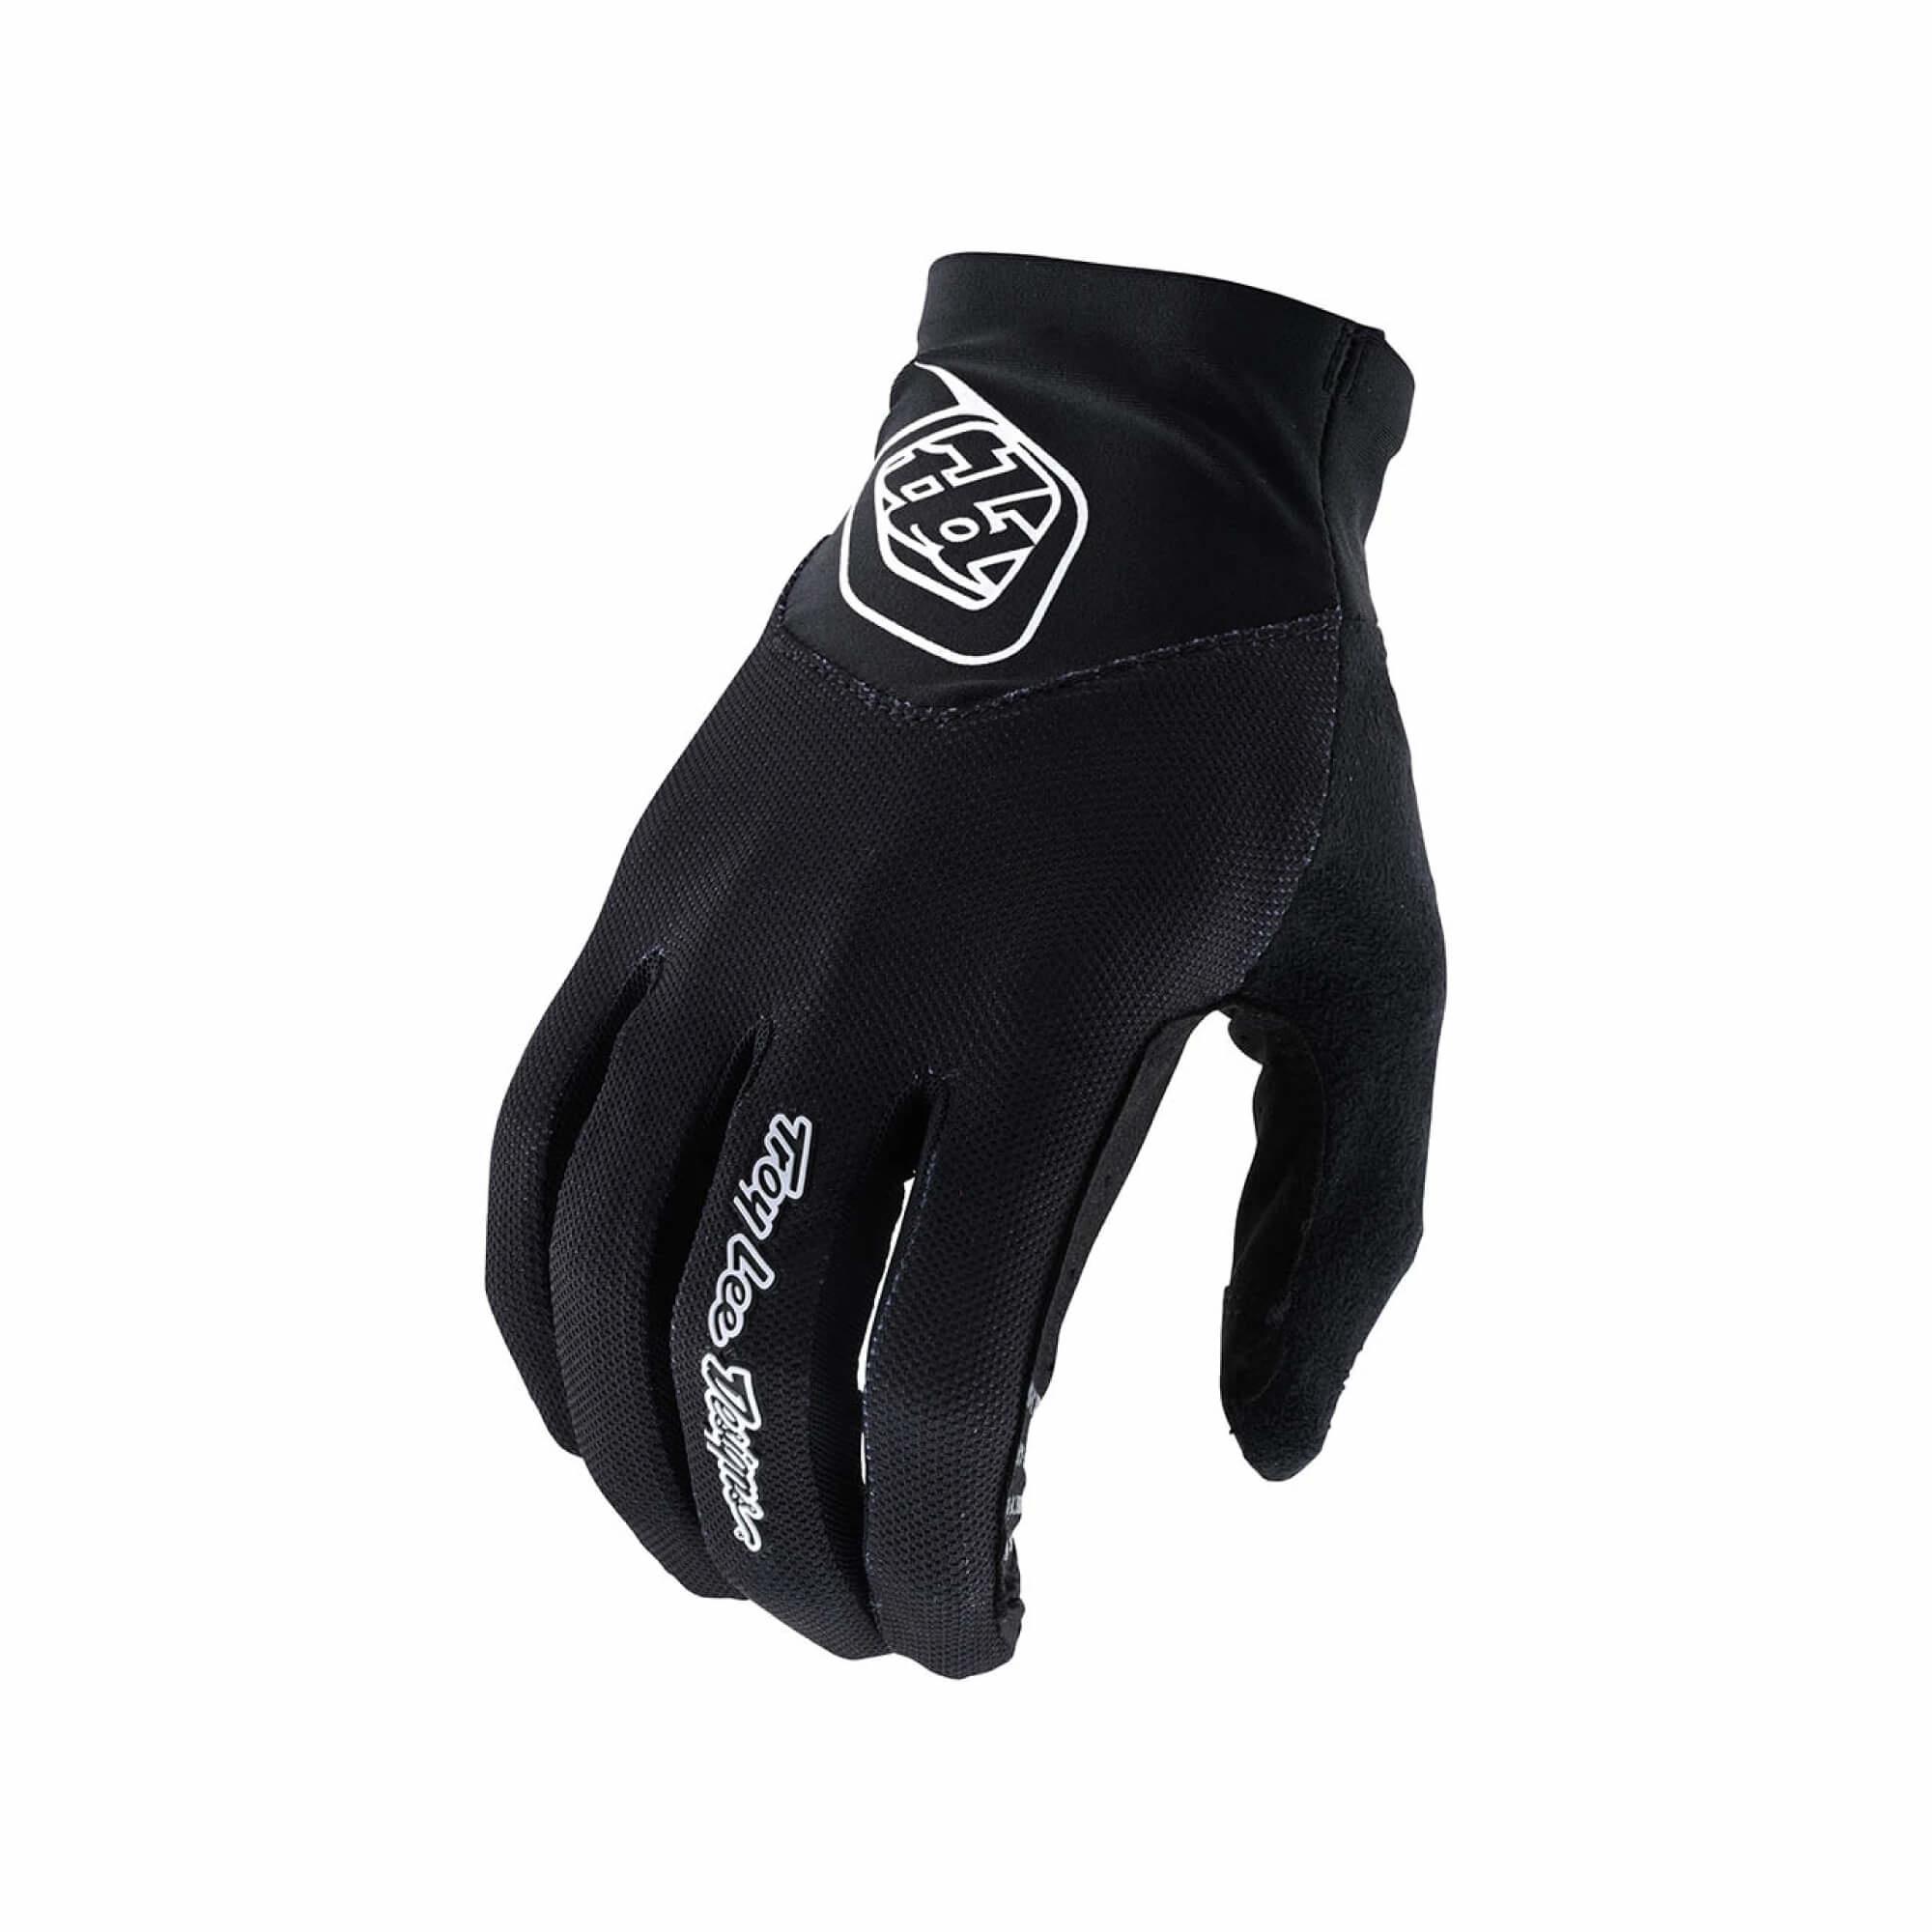 Ace 2.0 Glove-1